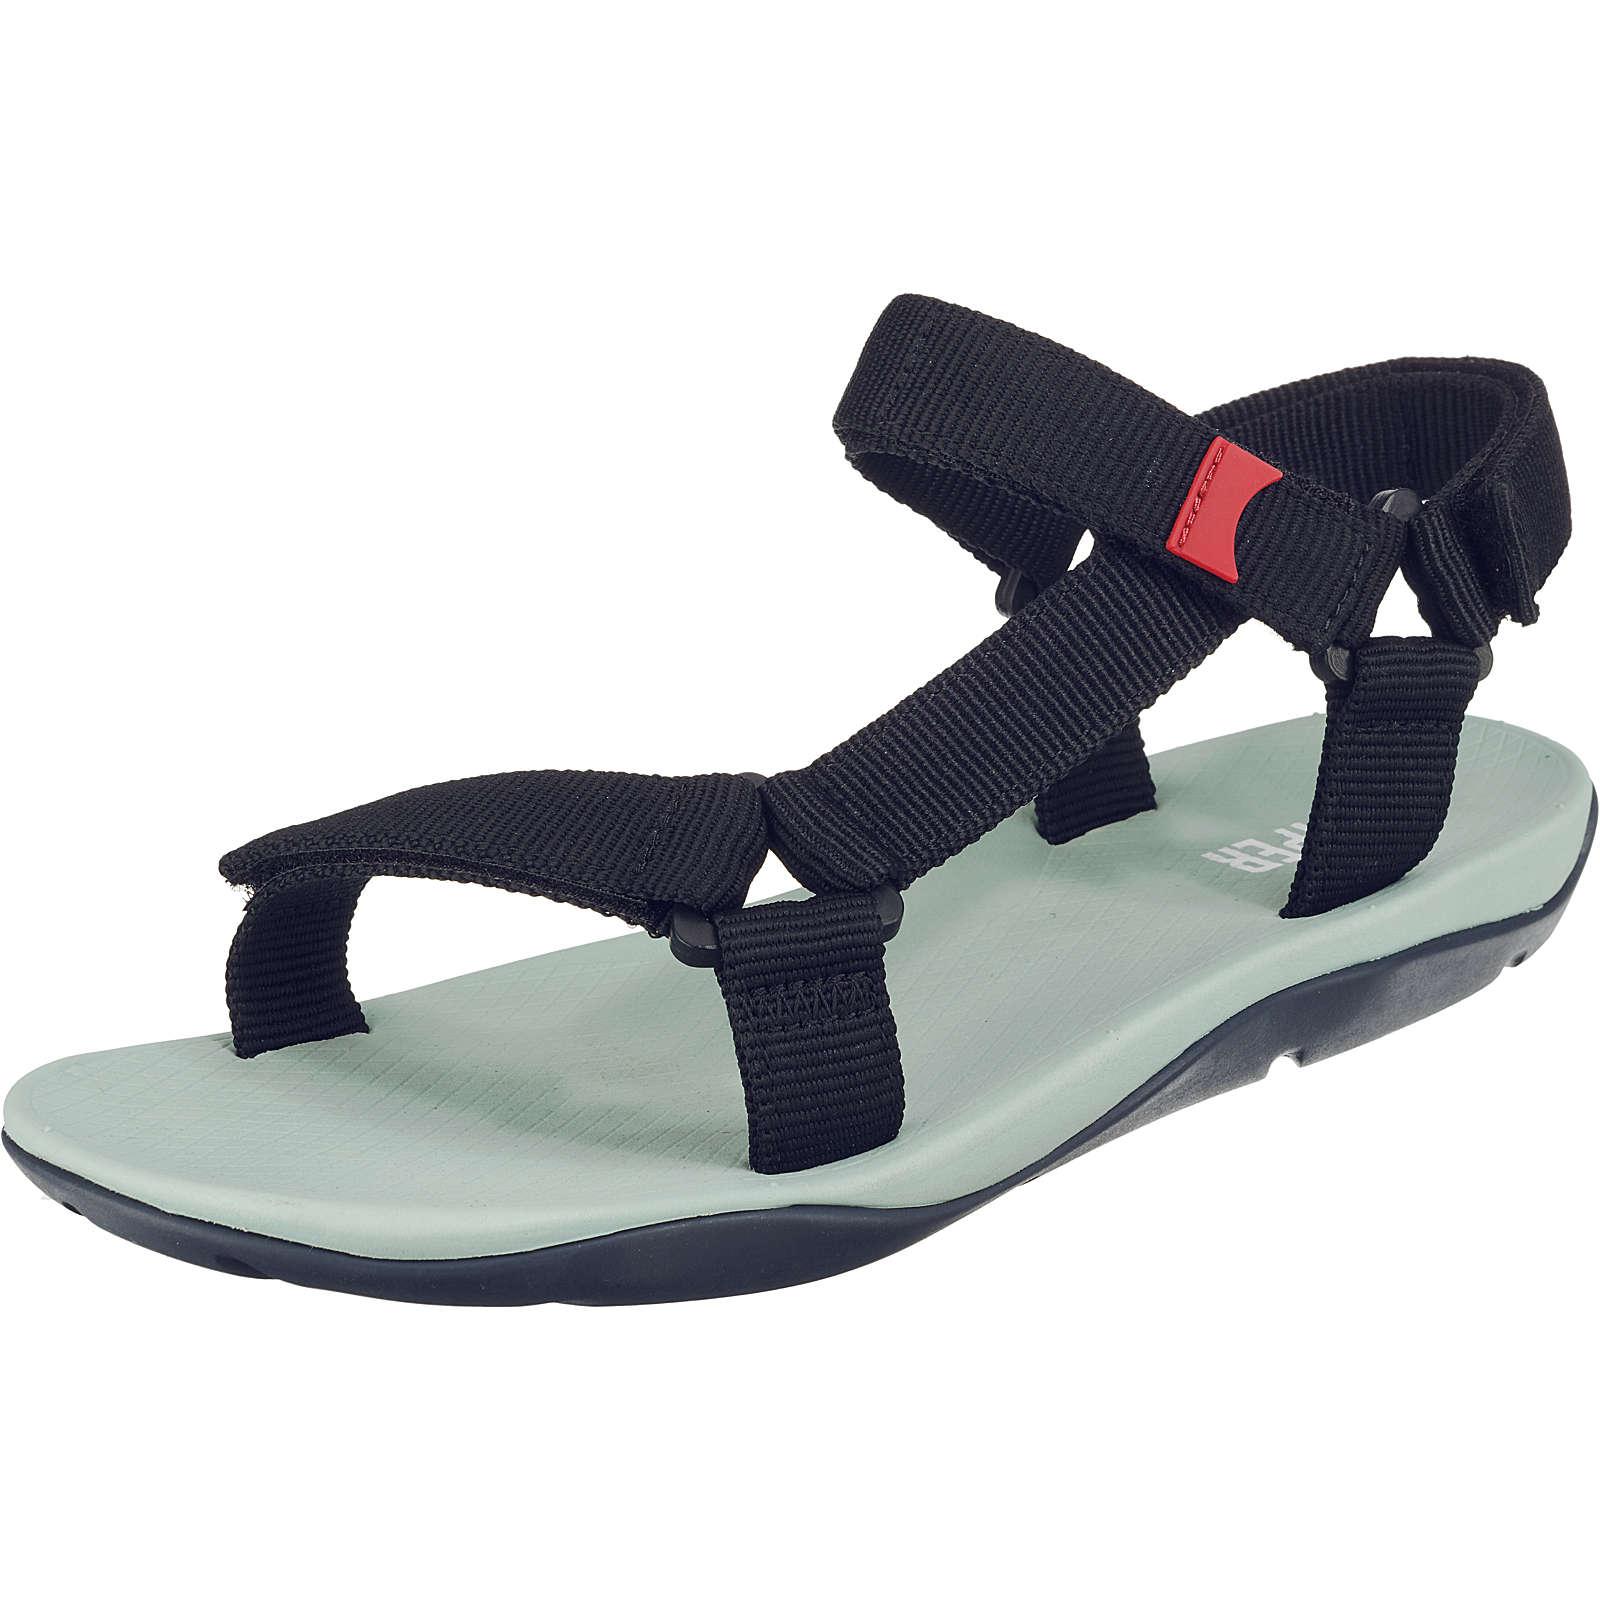 CAMPER Klassische Sandalen schwarz-kombi Damen Gr. 37